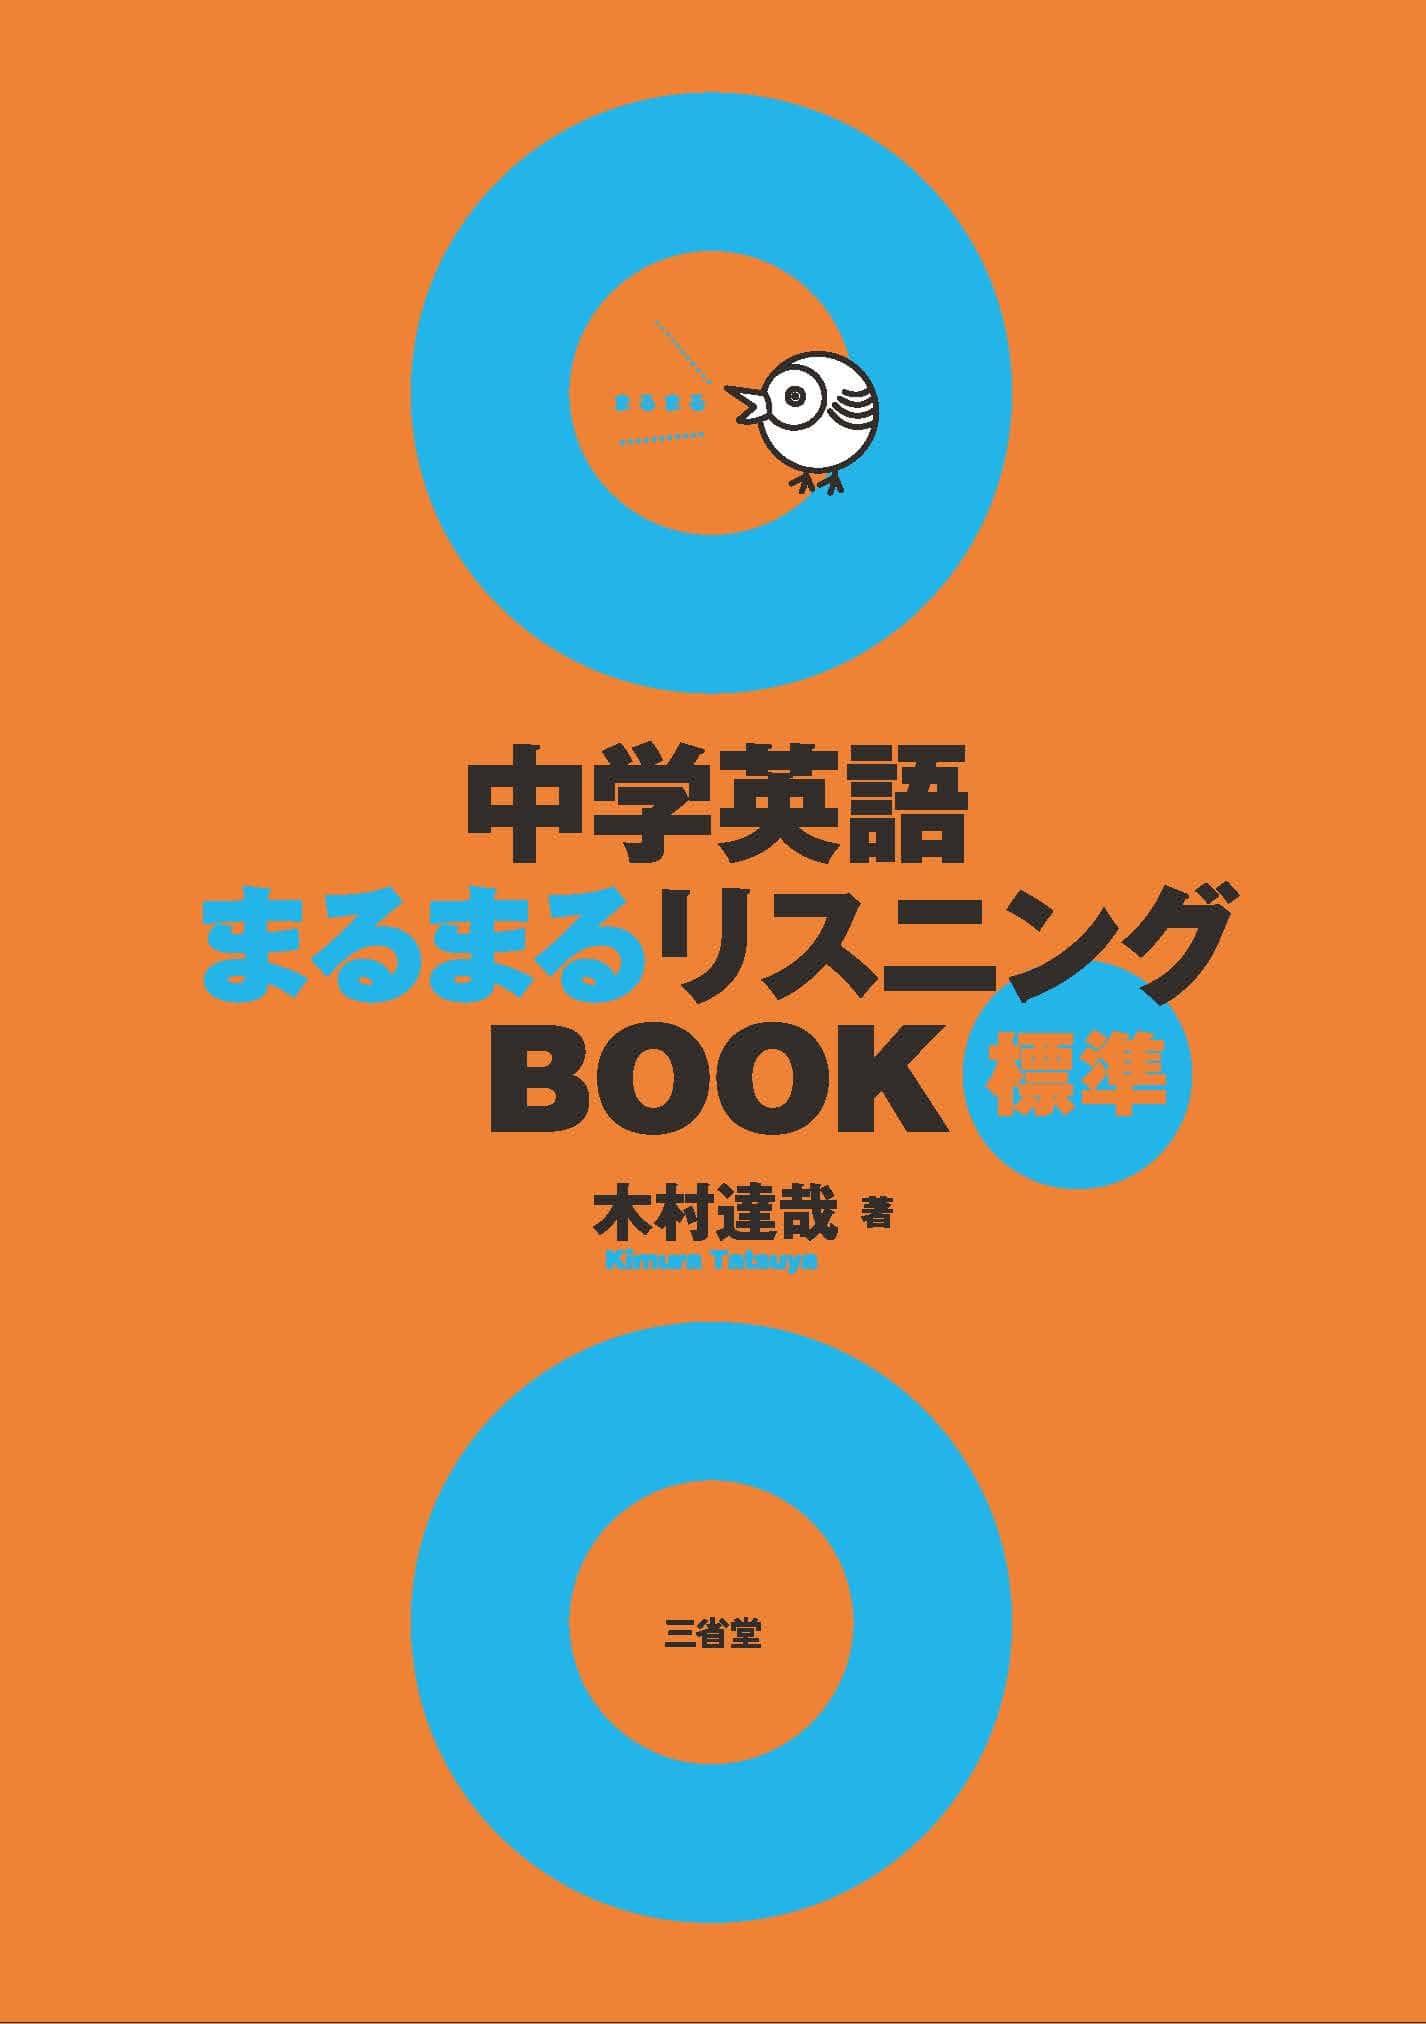 中学英語まるまるリスニングBOOK 標準